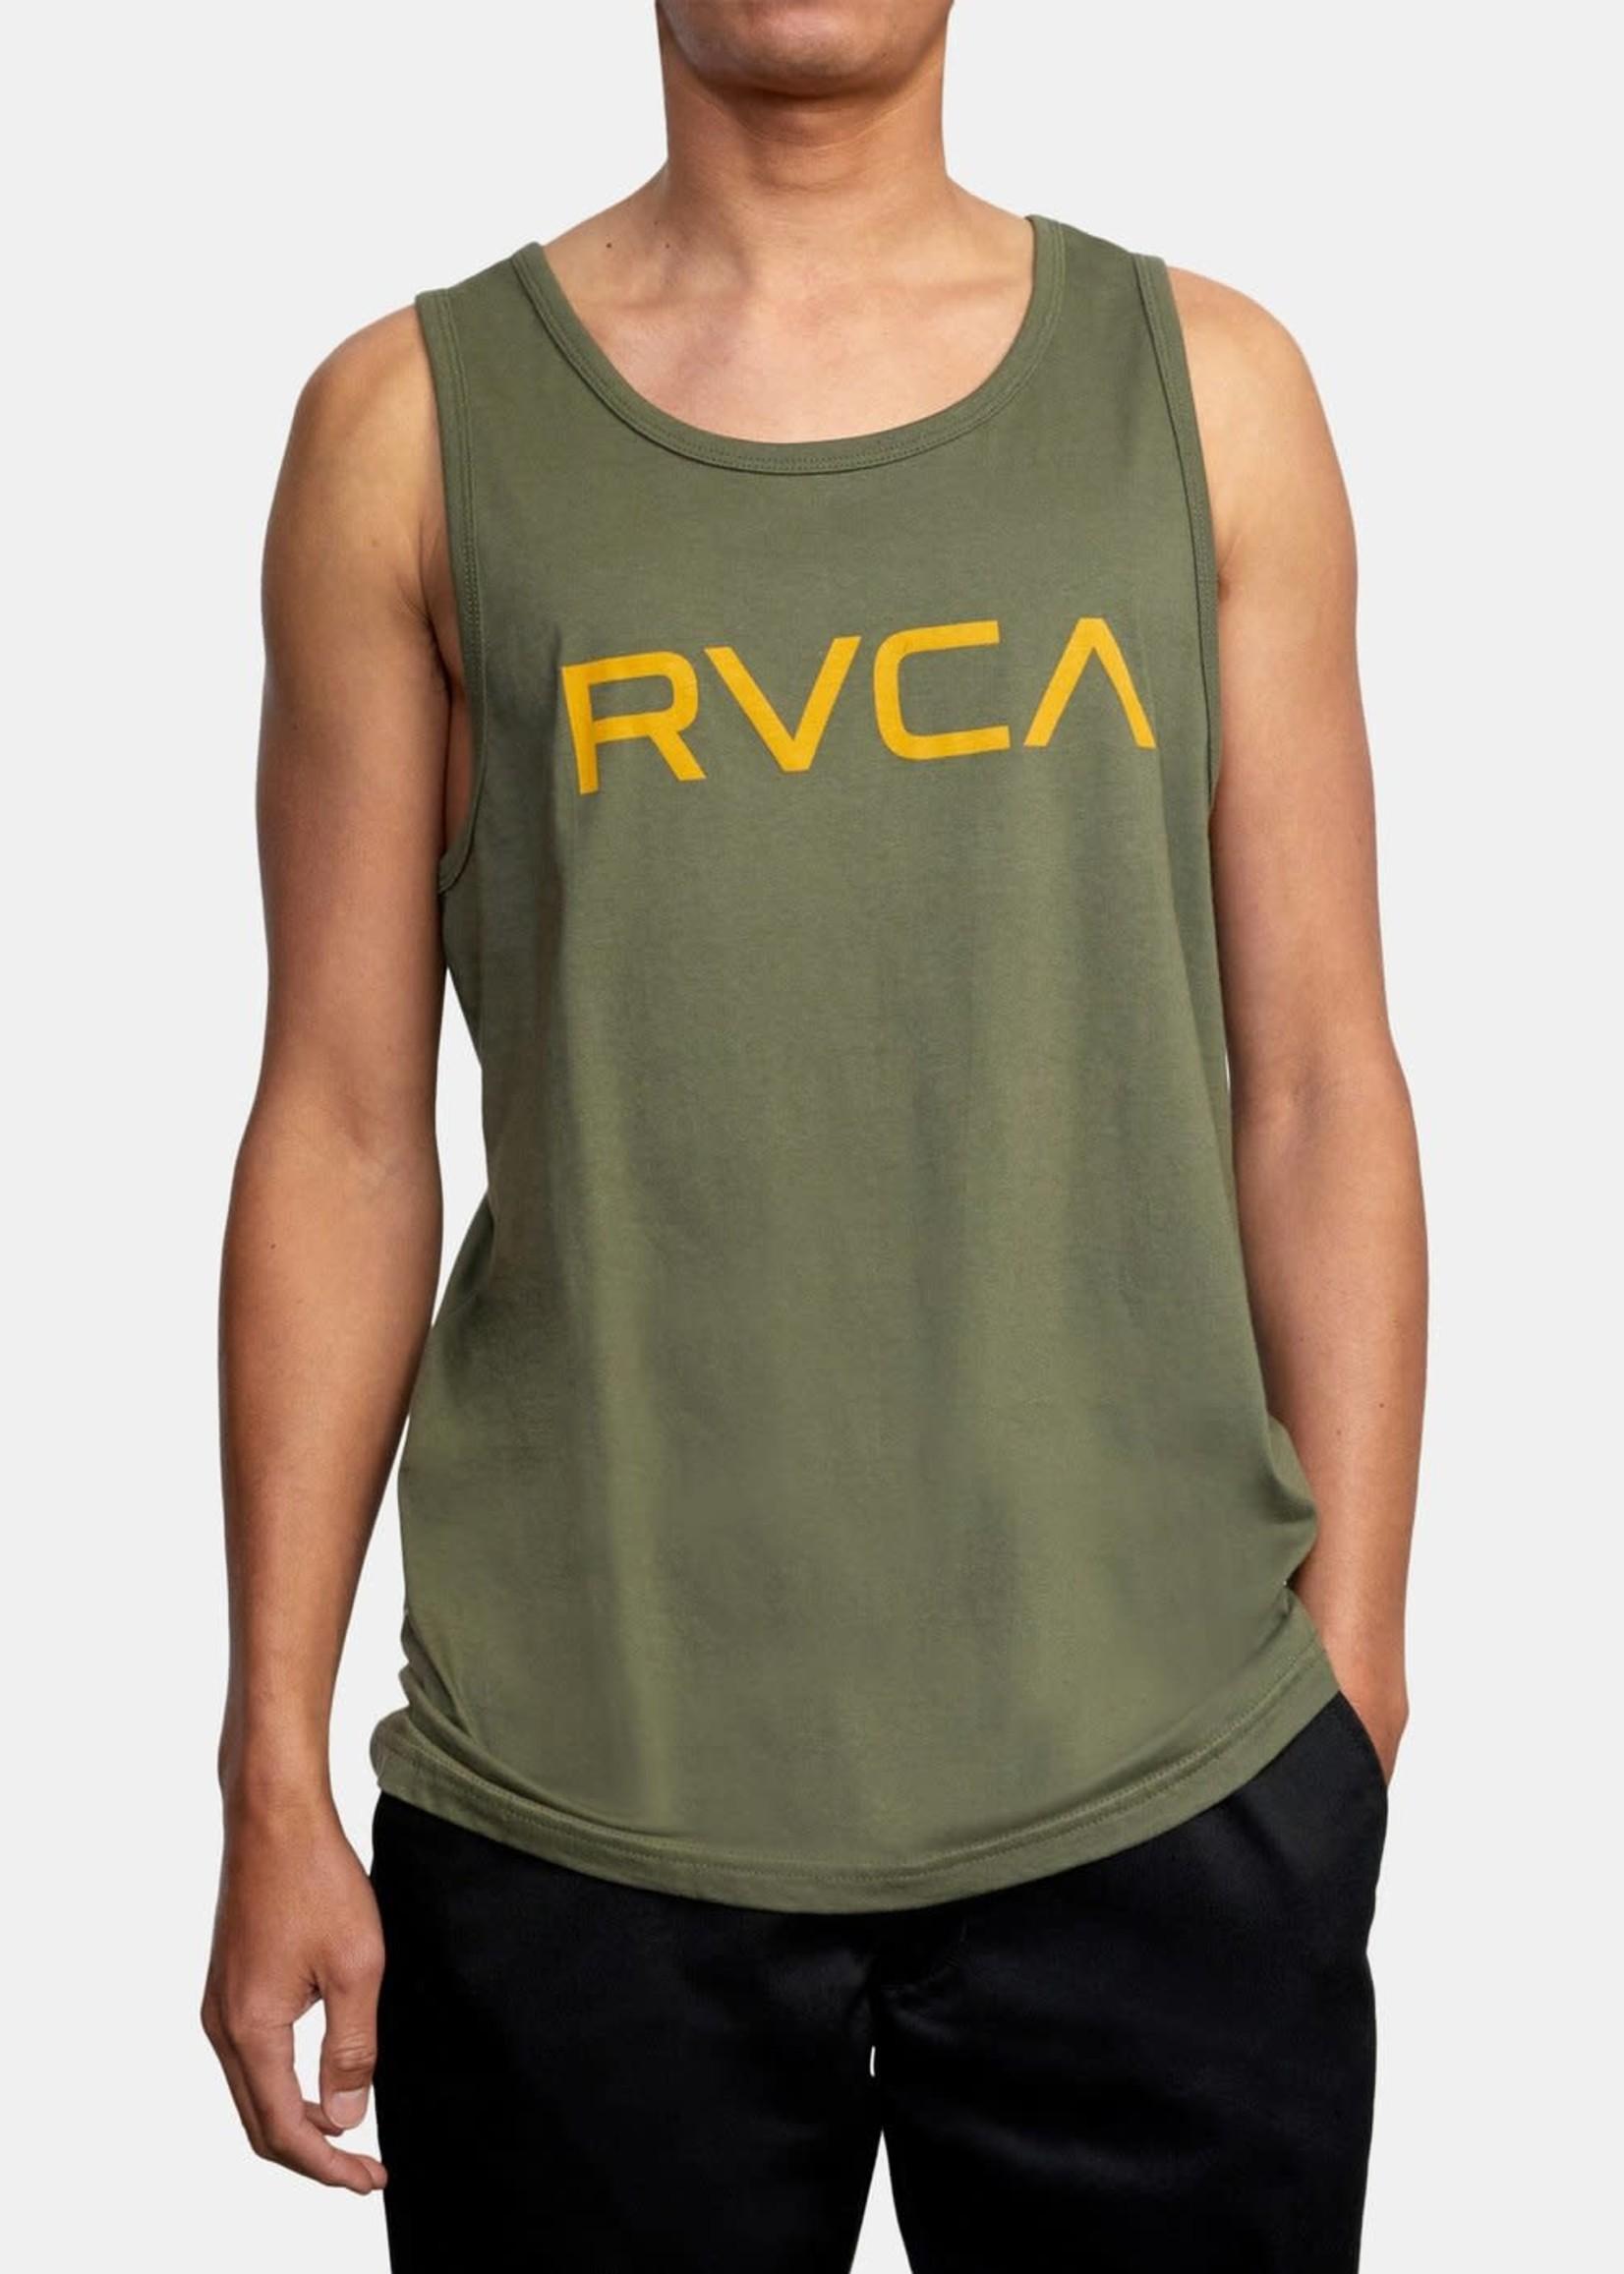 RVCA Big RVCA Tank